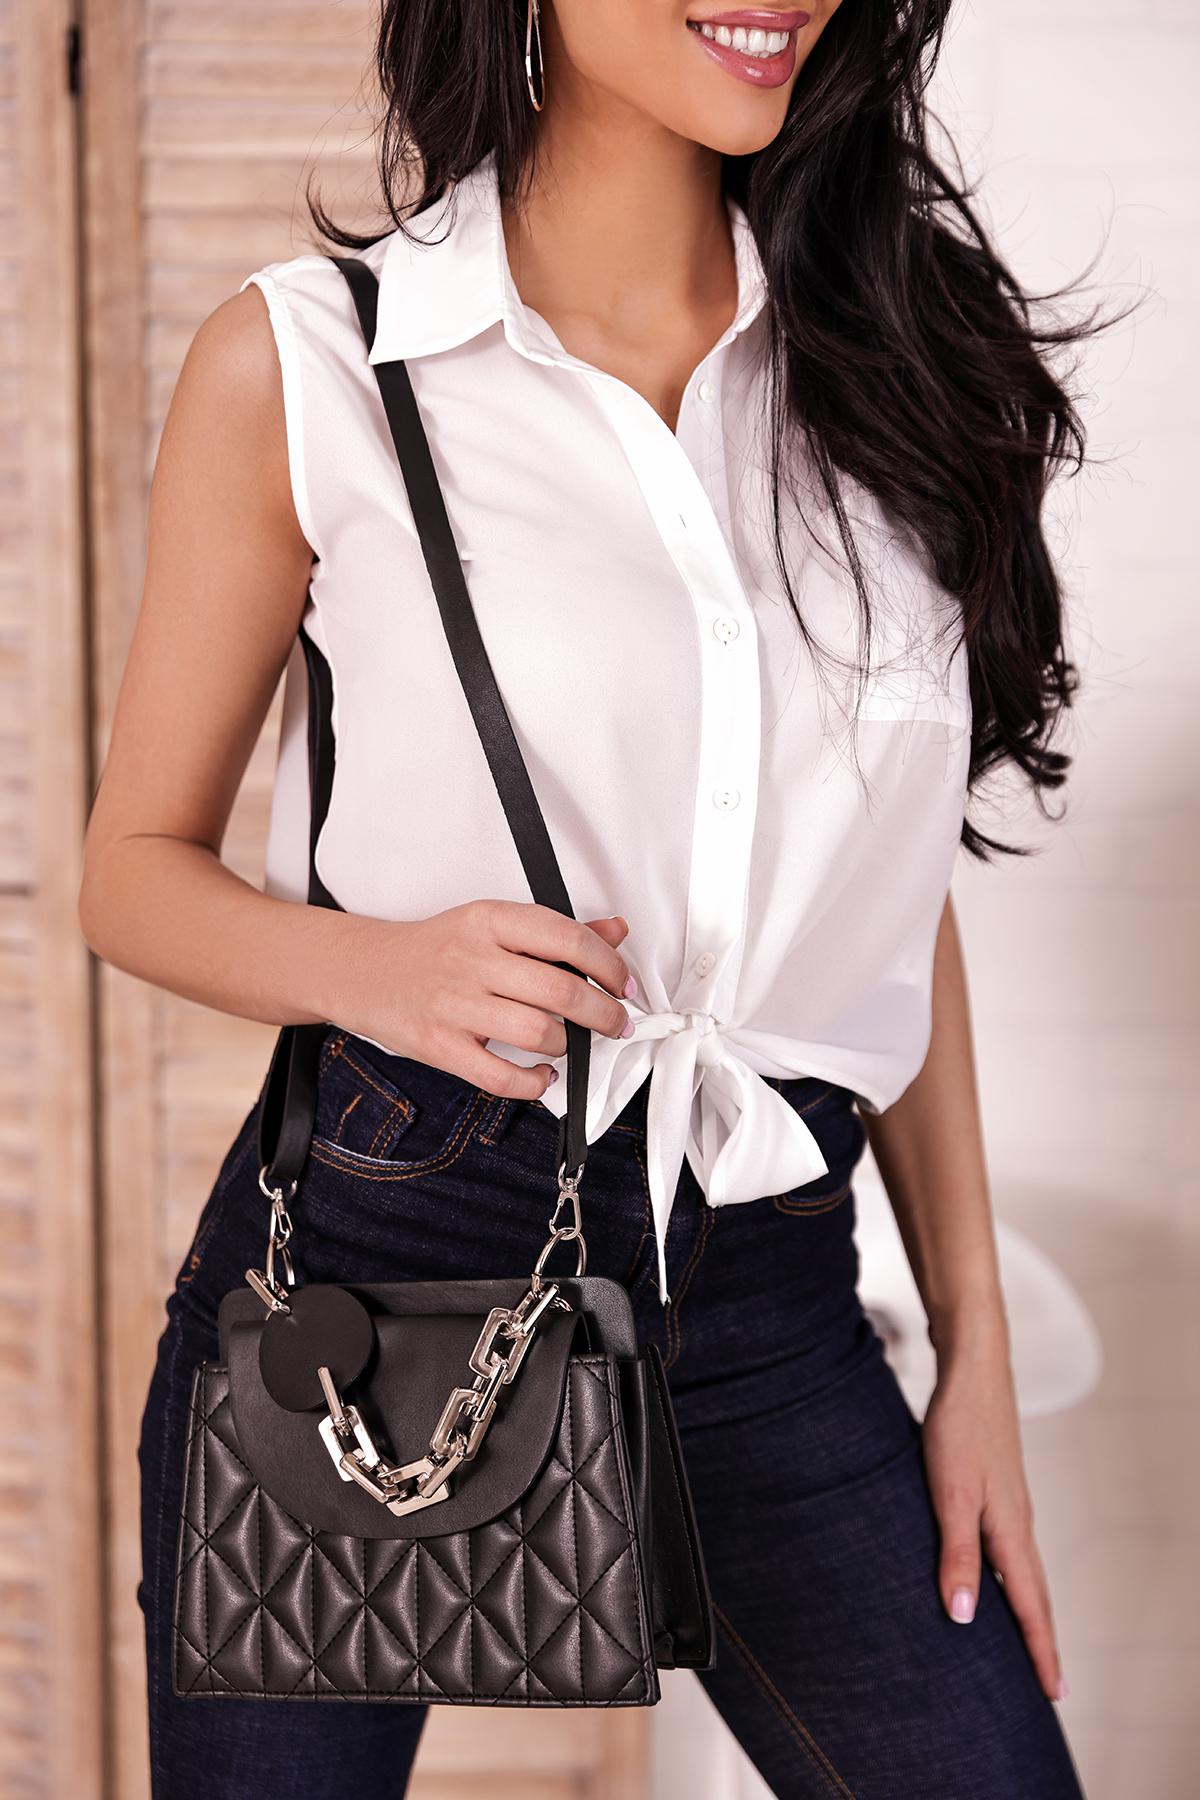 γυναικεία τσάντα PERMANZA BLACK - 1